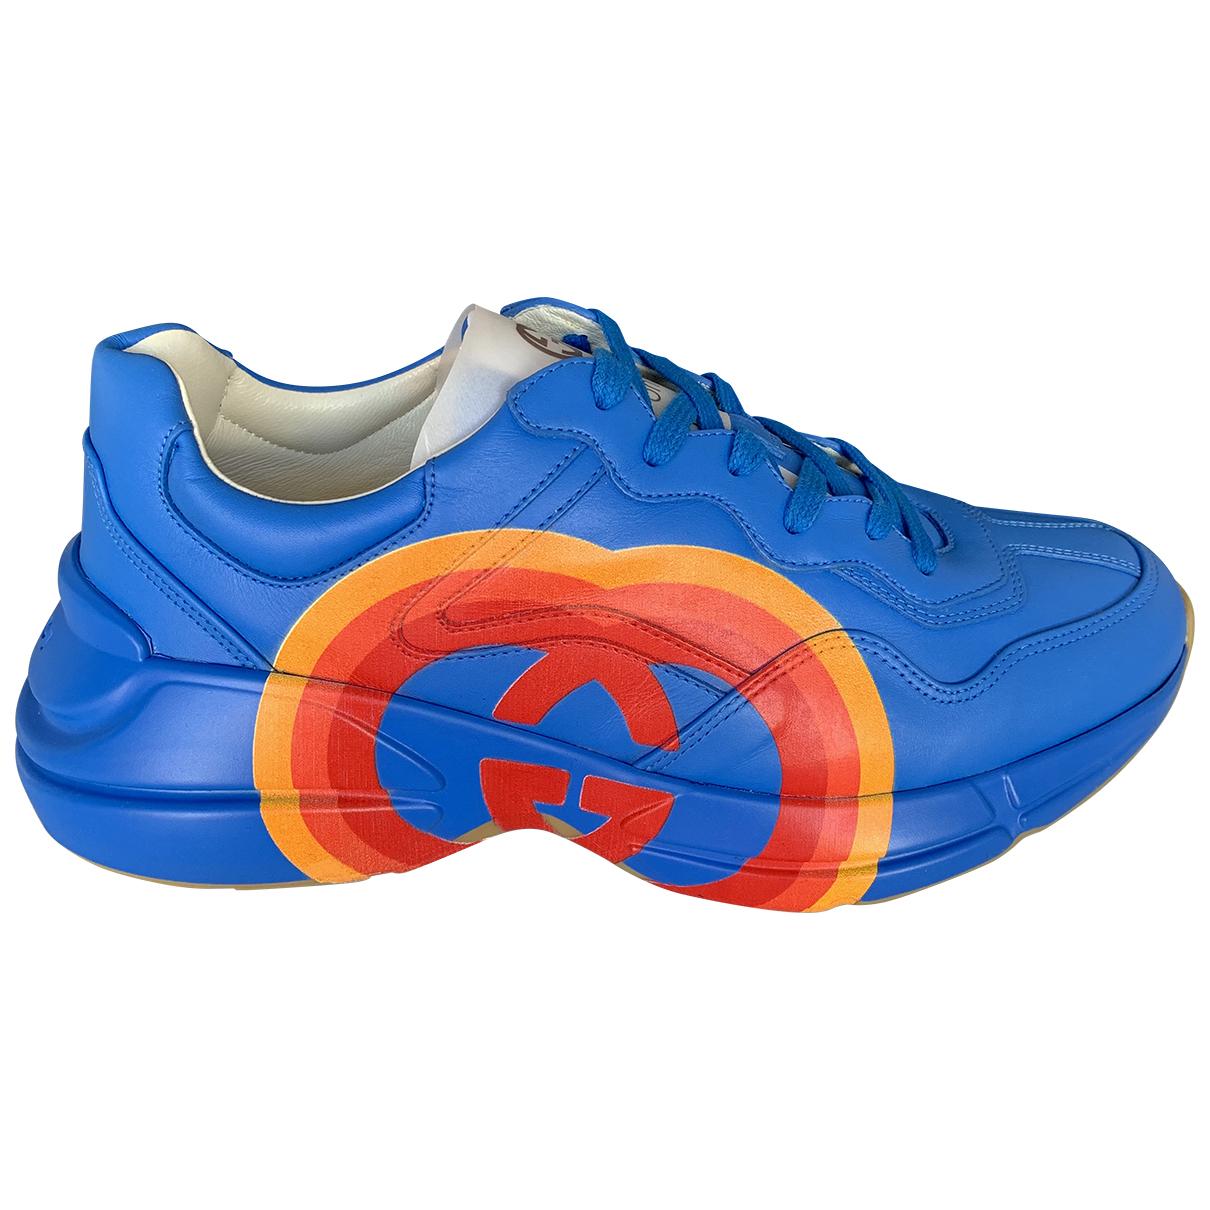 Gucci - Baskets Rhyton pour homme en cuir - bleu